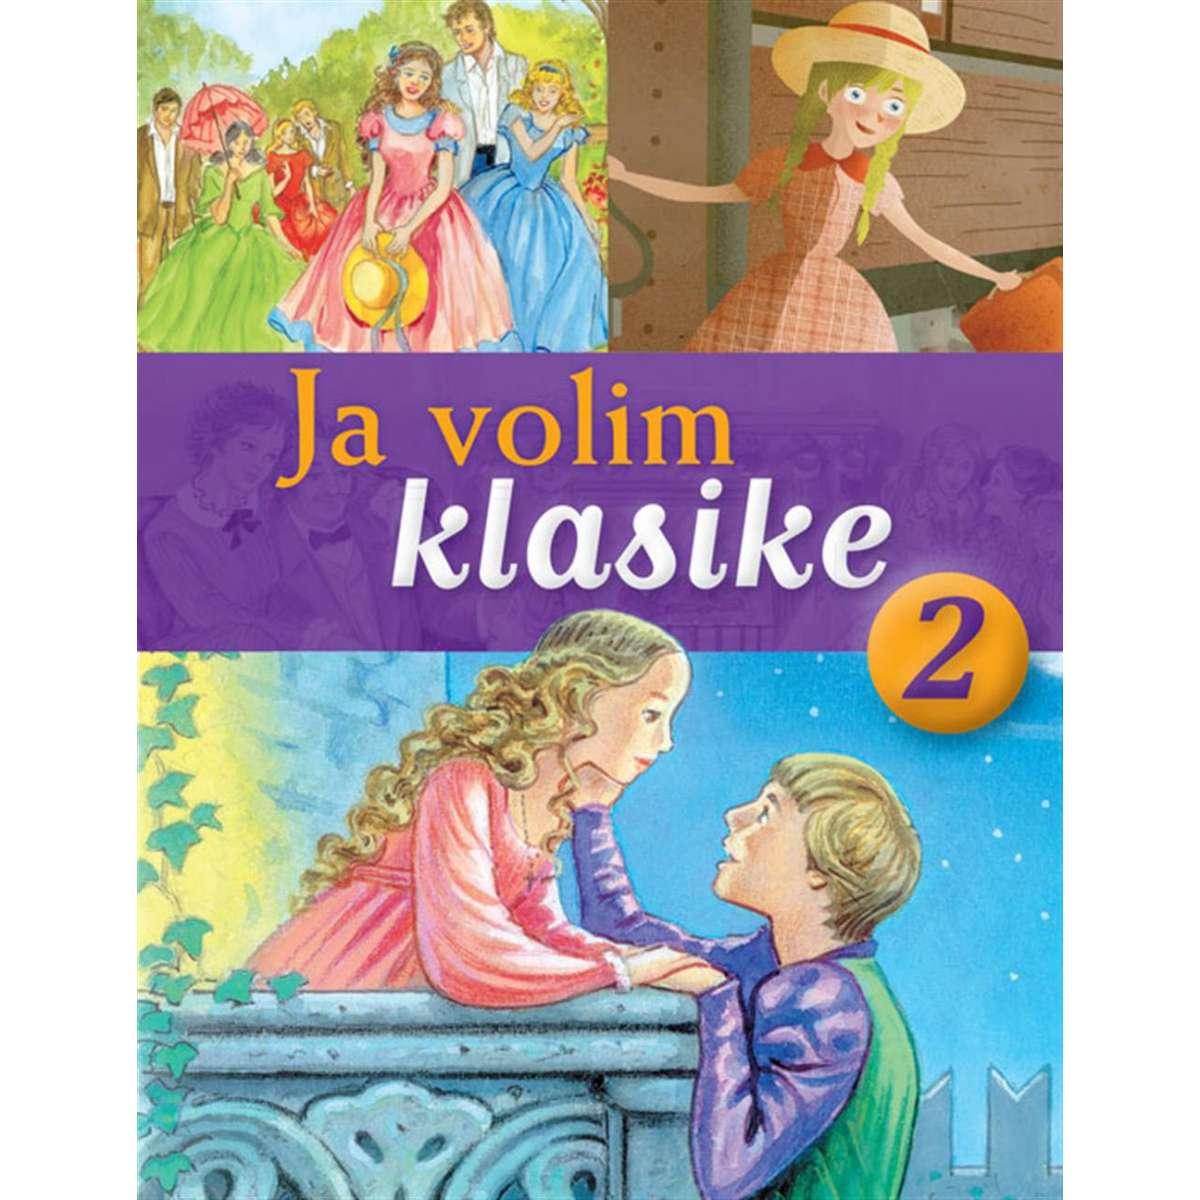 JA VOLIM KLASIKE 2